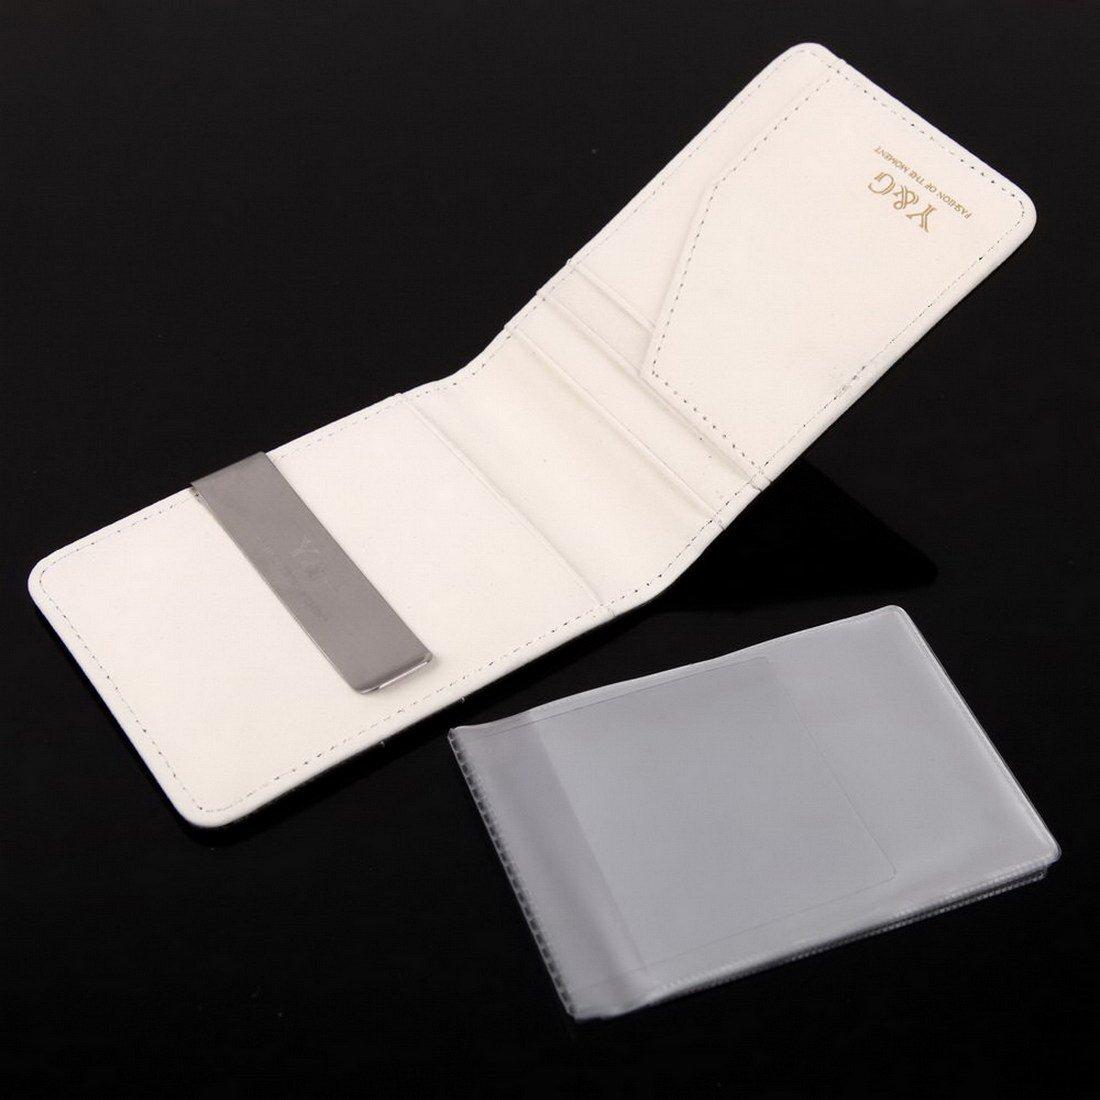 YCC1001 Dise?ador Blanco Negro Contemporš¢neo Money Clip Wallet 15 titular de la tarjeta para hombre Monedero Idea Fabricantes regalo por Y&G: Amazon.es: ...